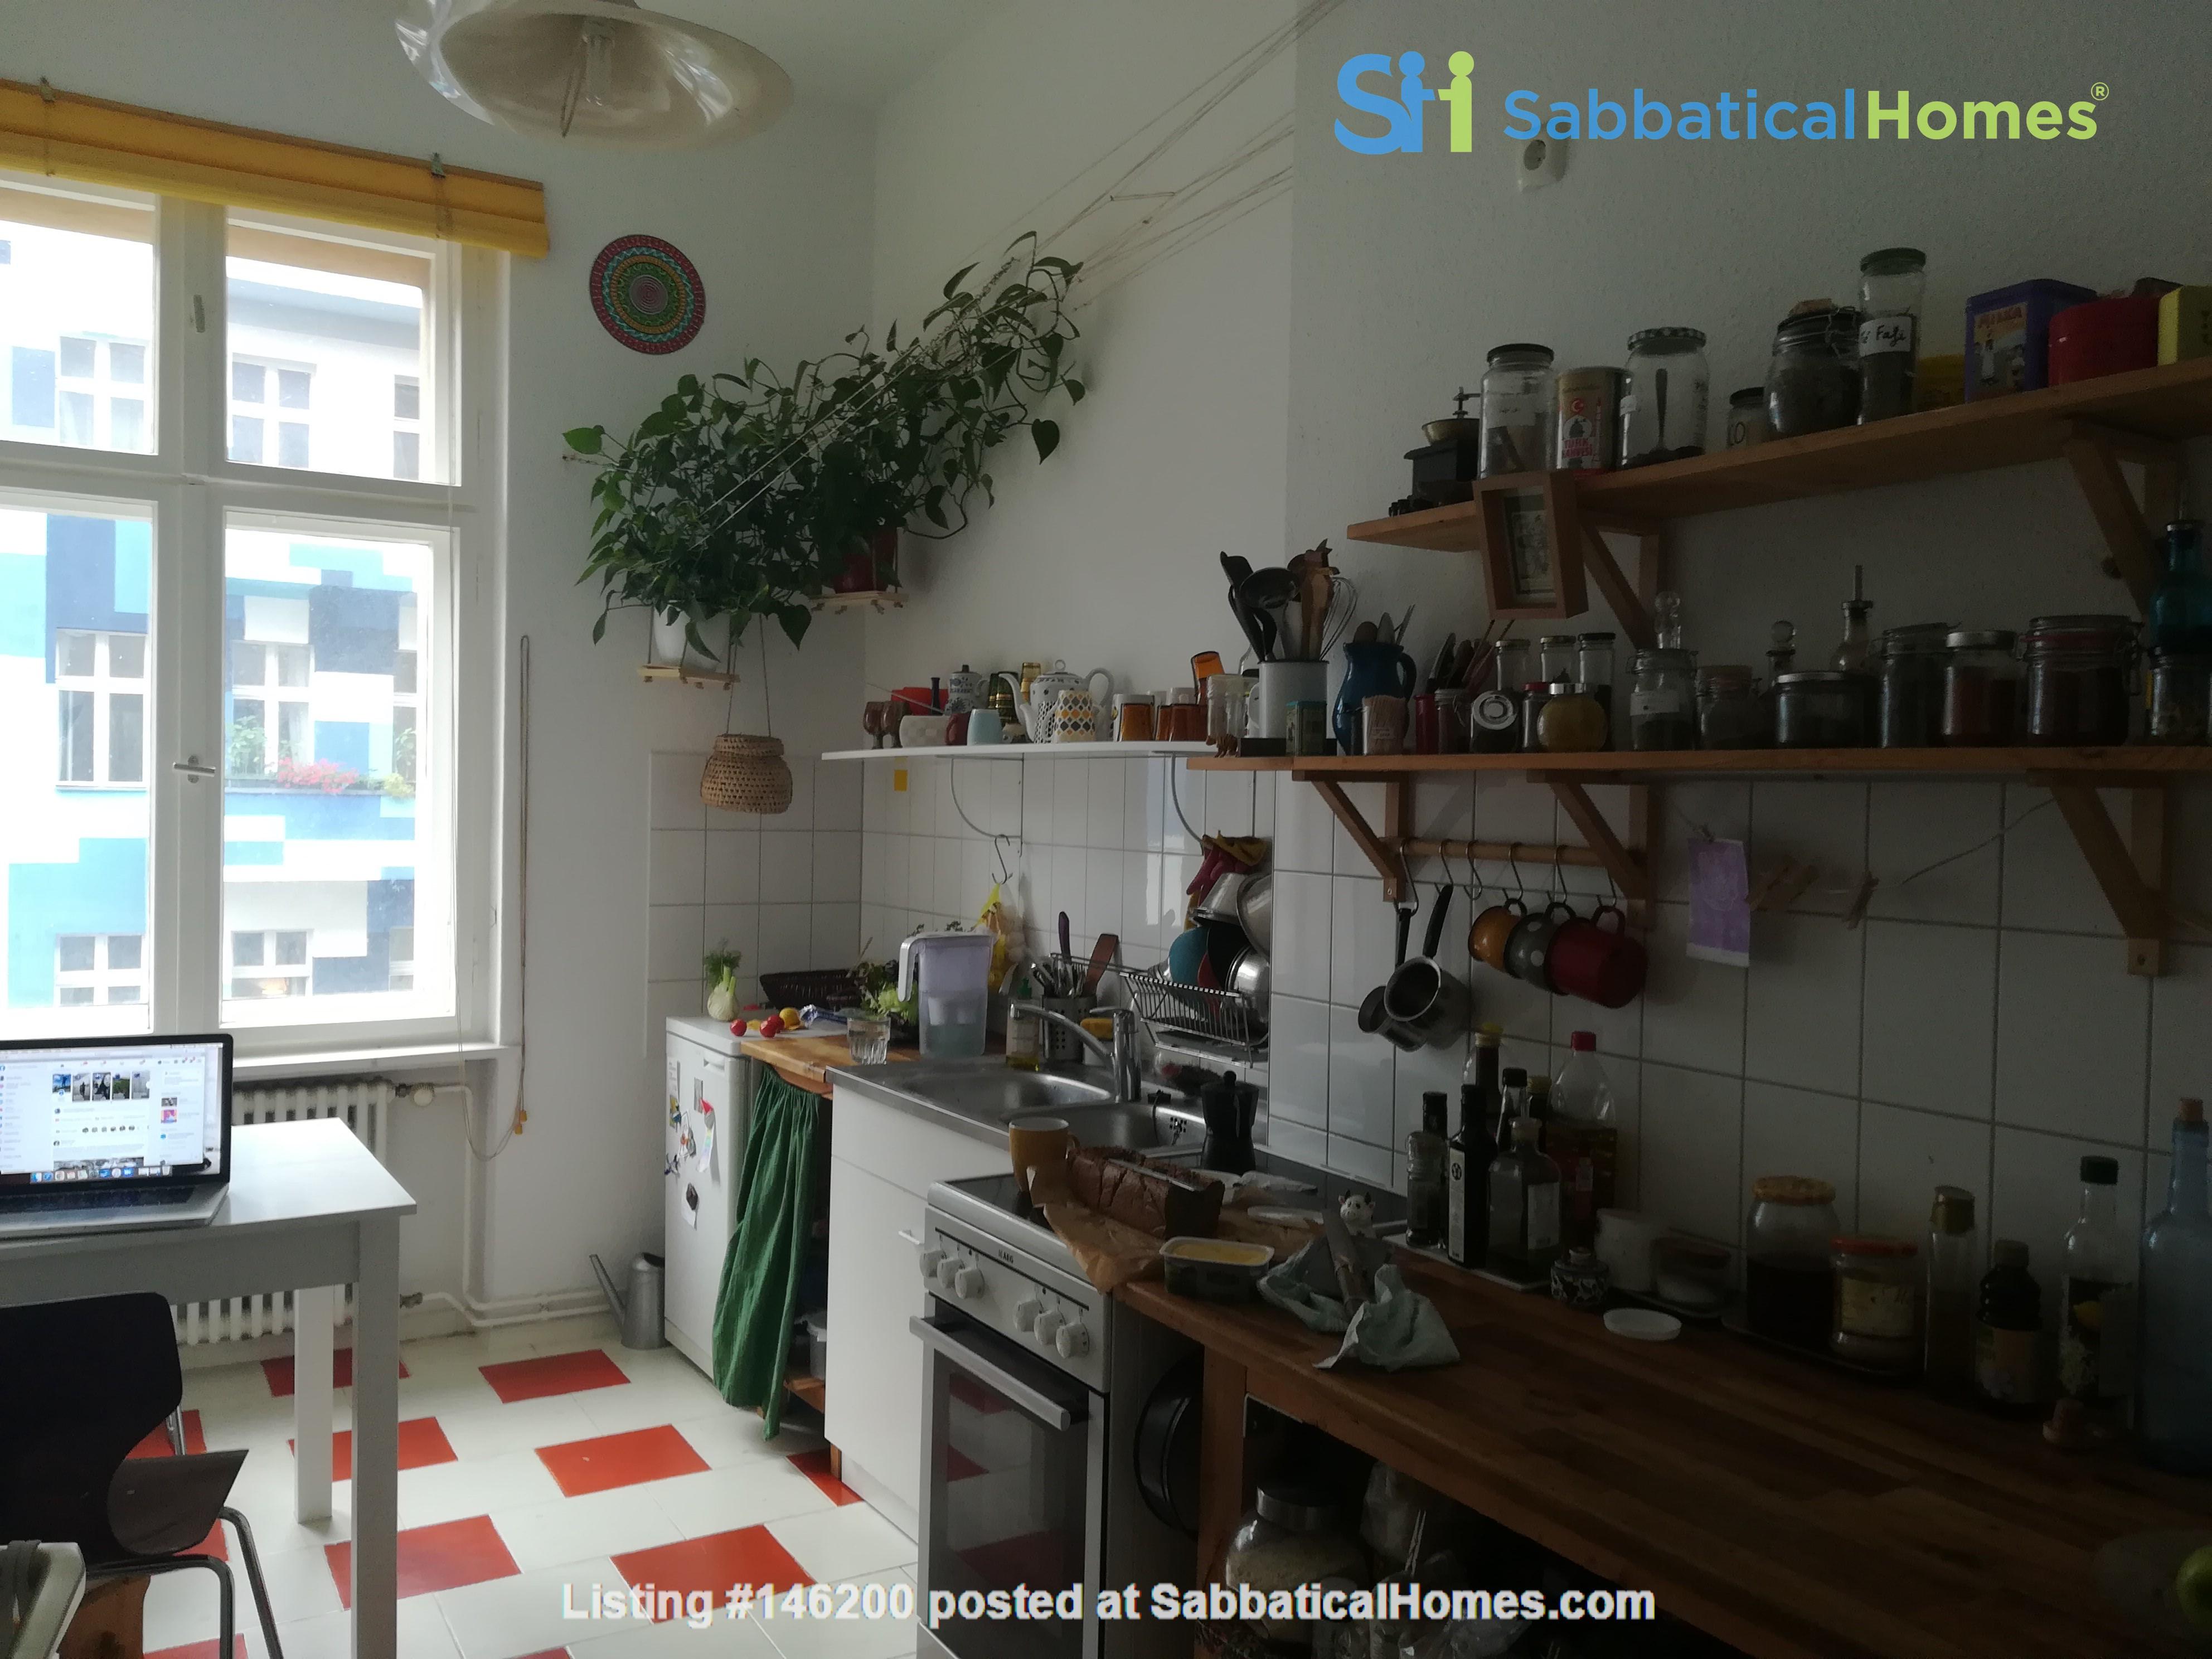 Renting place in Berlin, looking for place in Copenhagen Home Exchange in Berlin 1